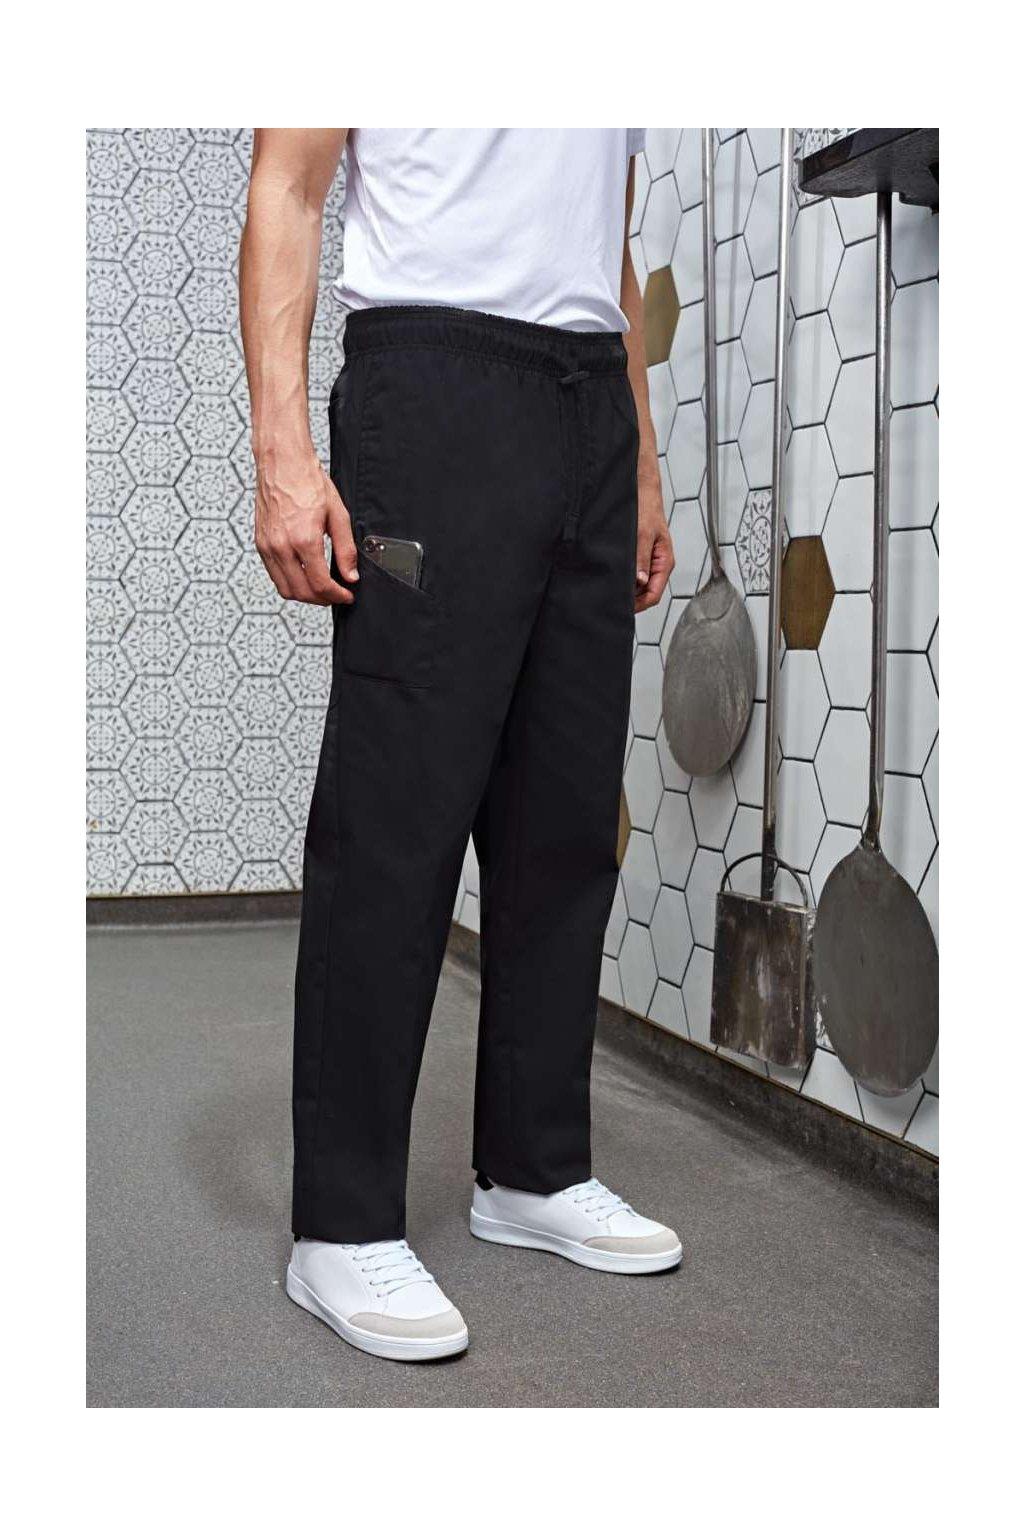 Kuchařské úzké kalhoty CHEF